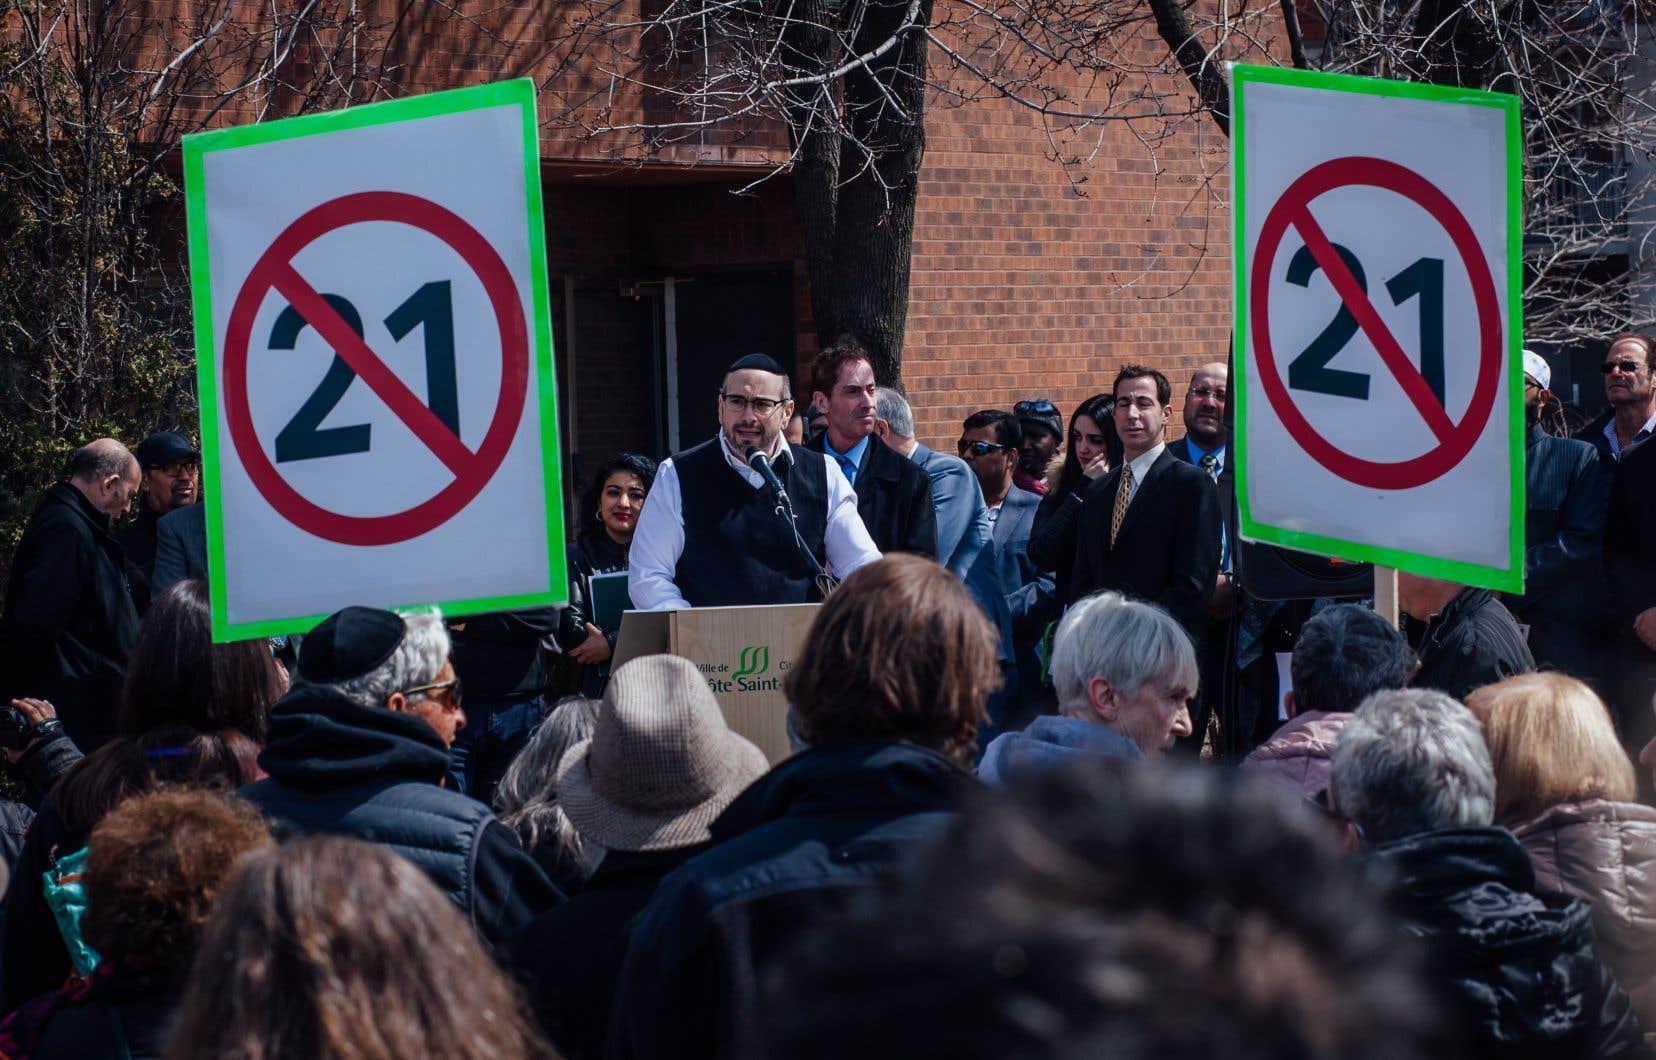 Quelques centaines de personnes ont participé à la manifestation qui s'est déroulée devant un centre communautaire à Côte-Saint-Luc, sur l'île de Montréal.